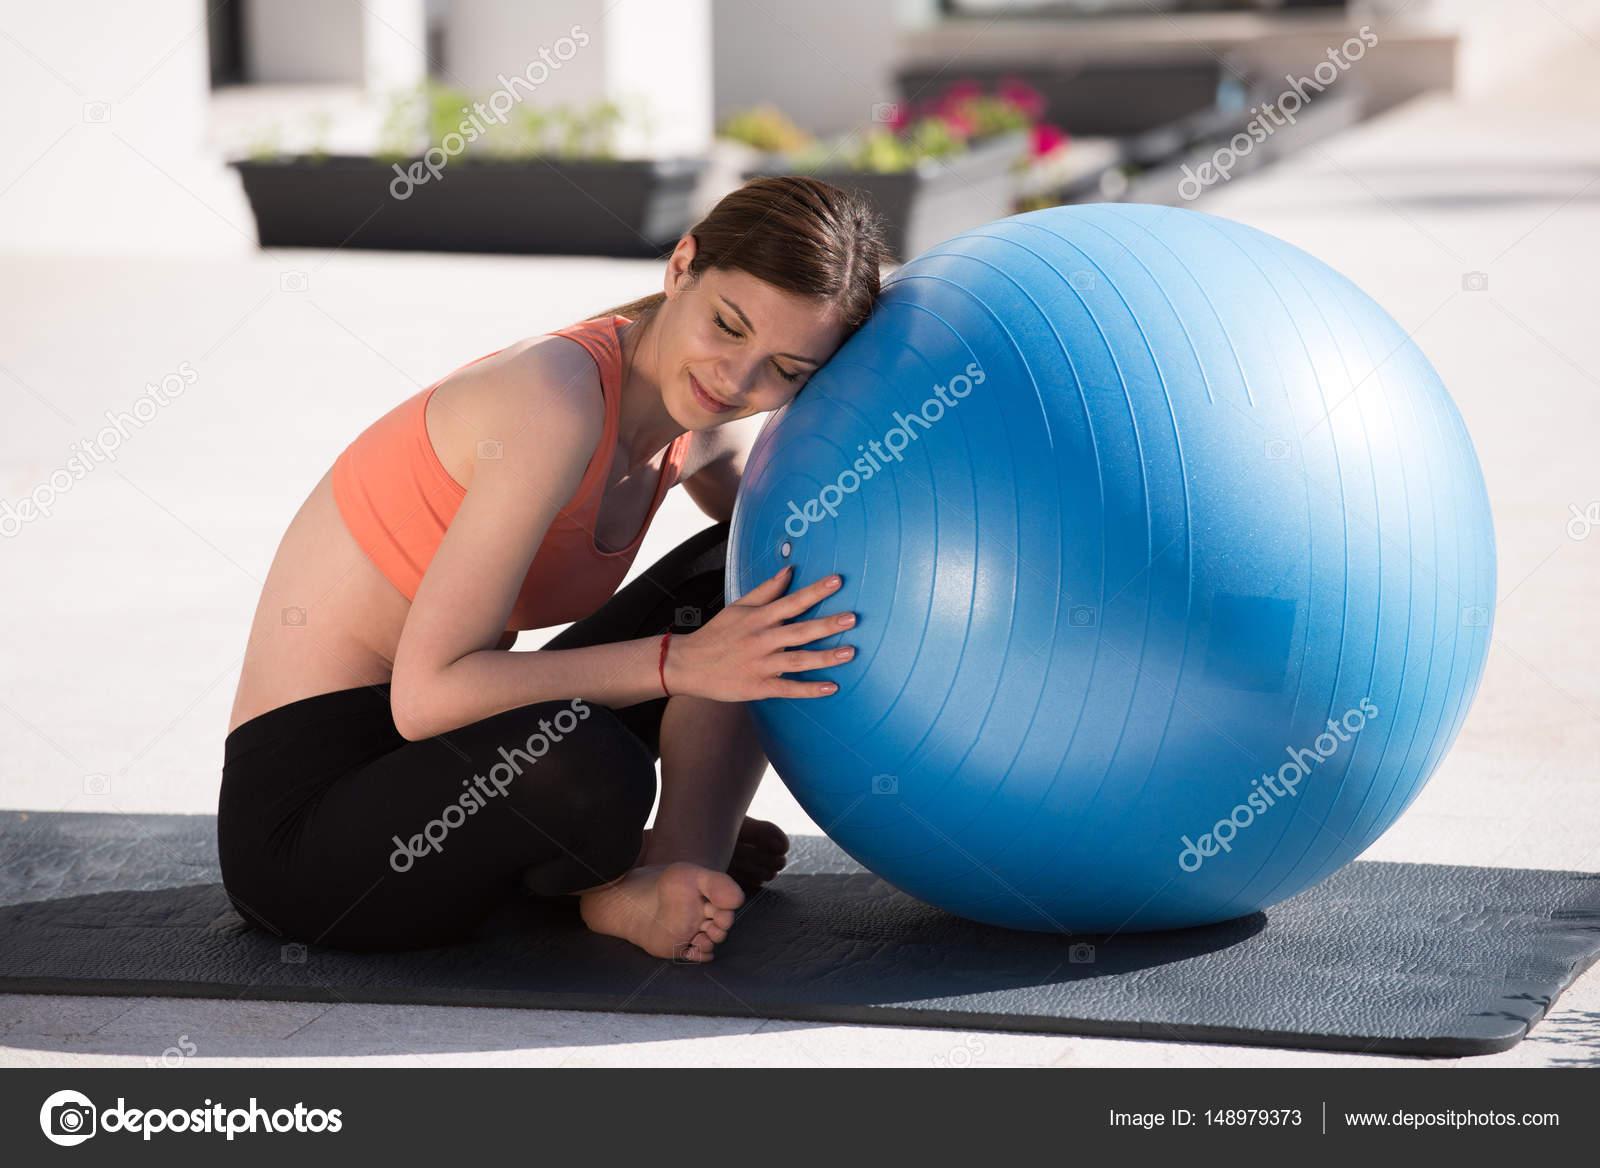 mujer haciendo ejercicio con pelota de pilates — Fotos de Stock ... 7842873c6221